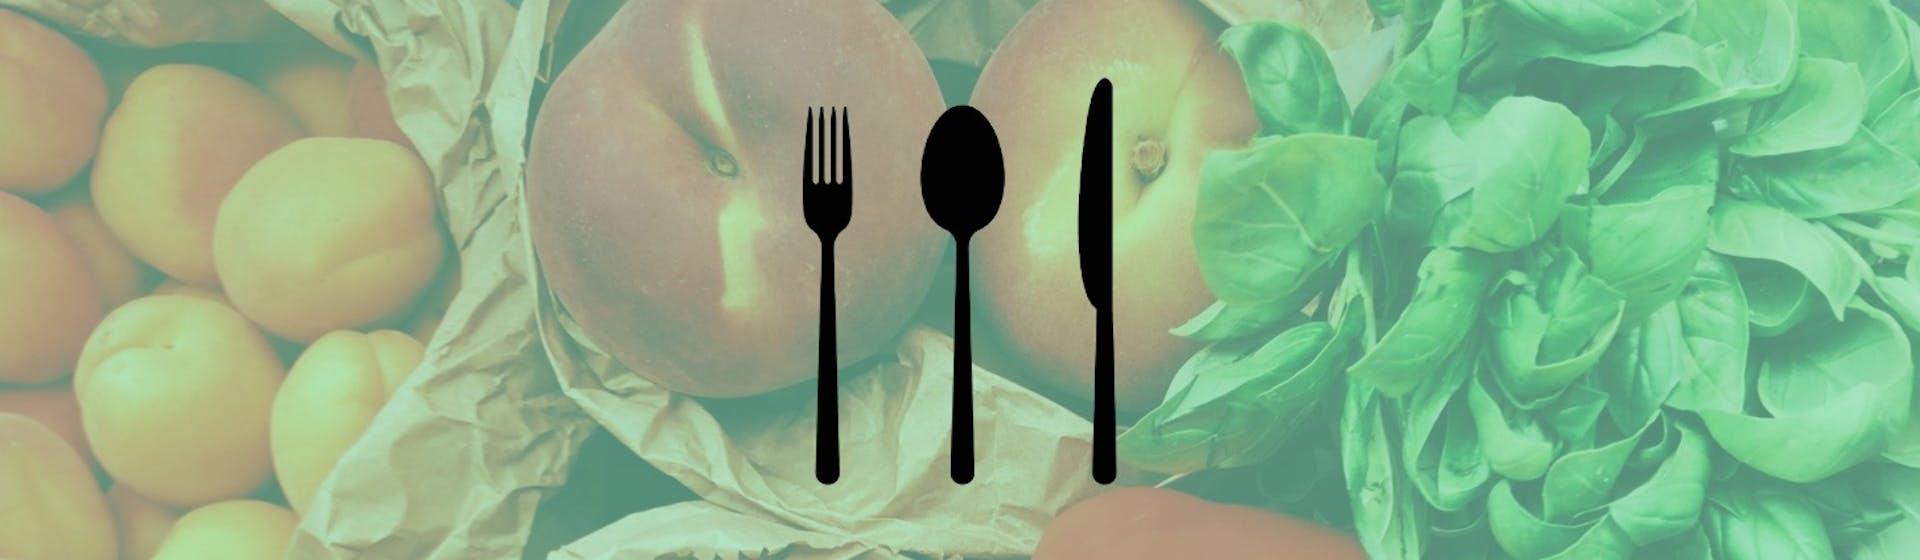 ¿Cómo incrementar el consumo de alimentos saludables? 8 'health hacks' para empezar a comer sano